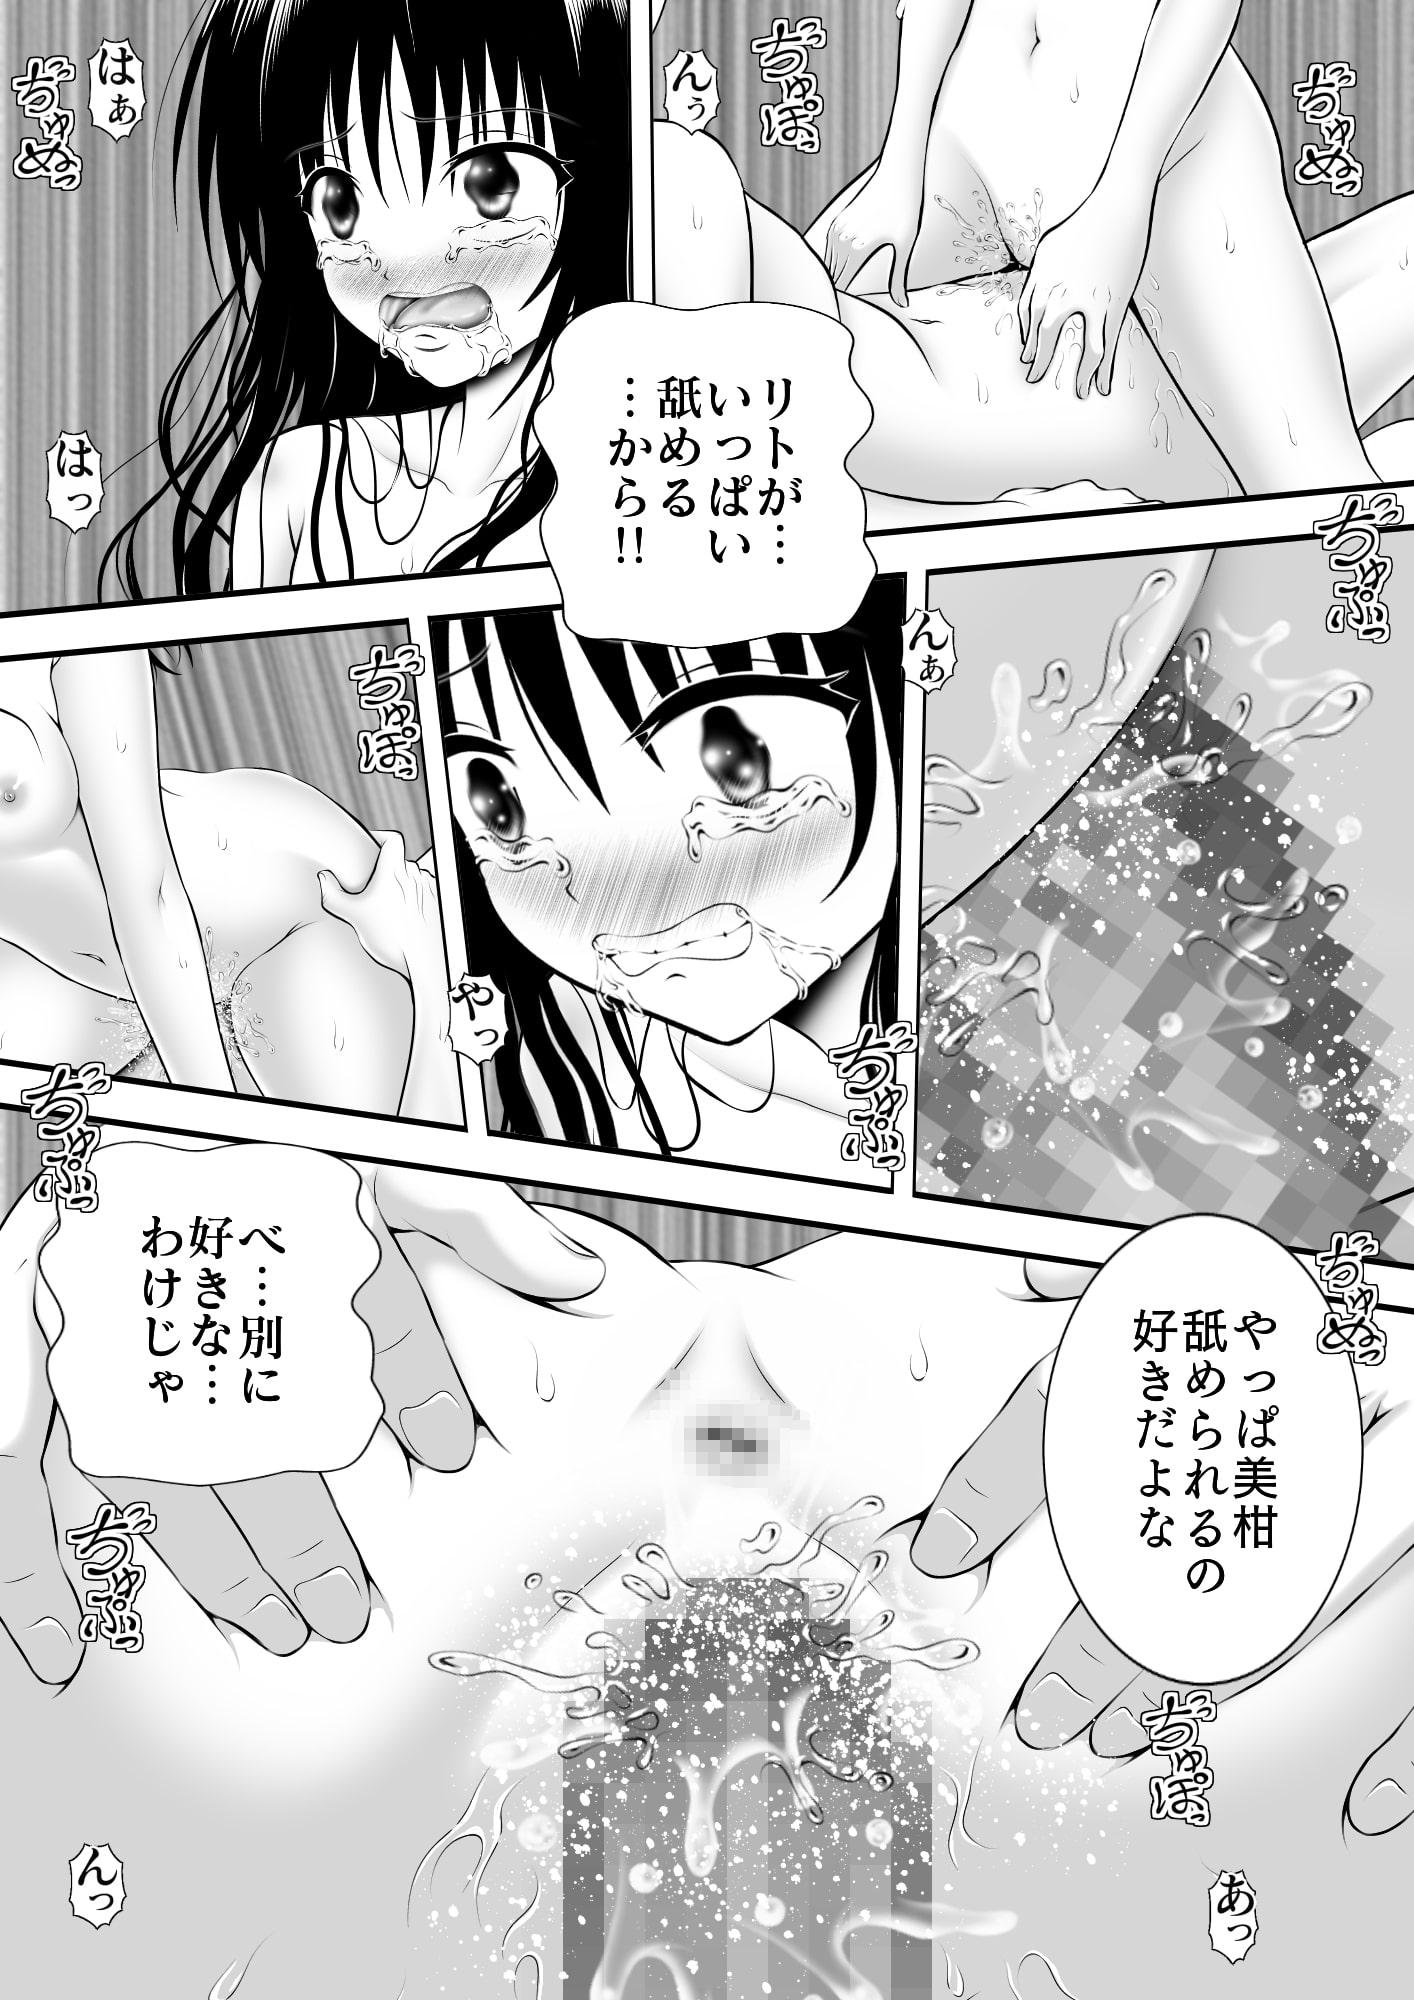 あらぶる〜最高の妹〜